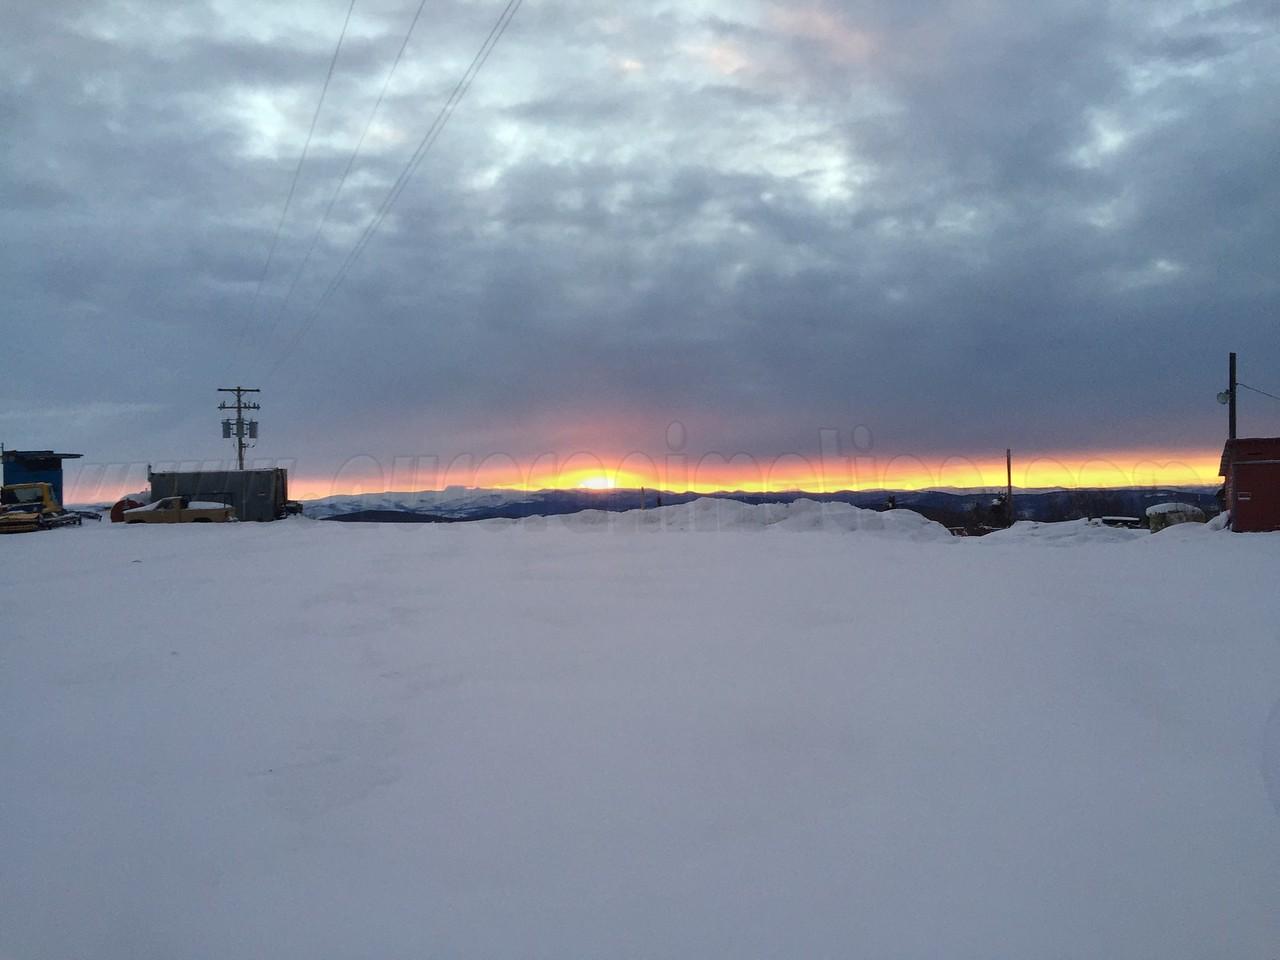 Sunrise at Skiland, Mt. Aurora at 08:02 AM